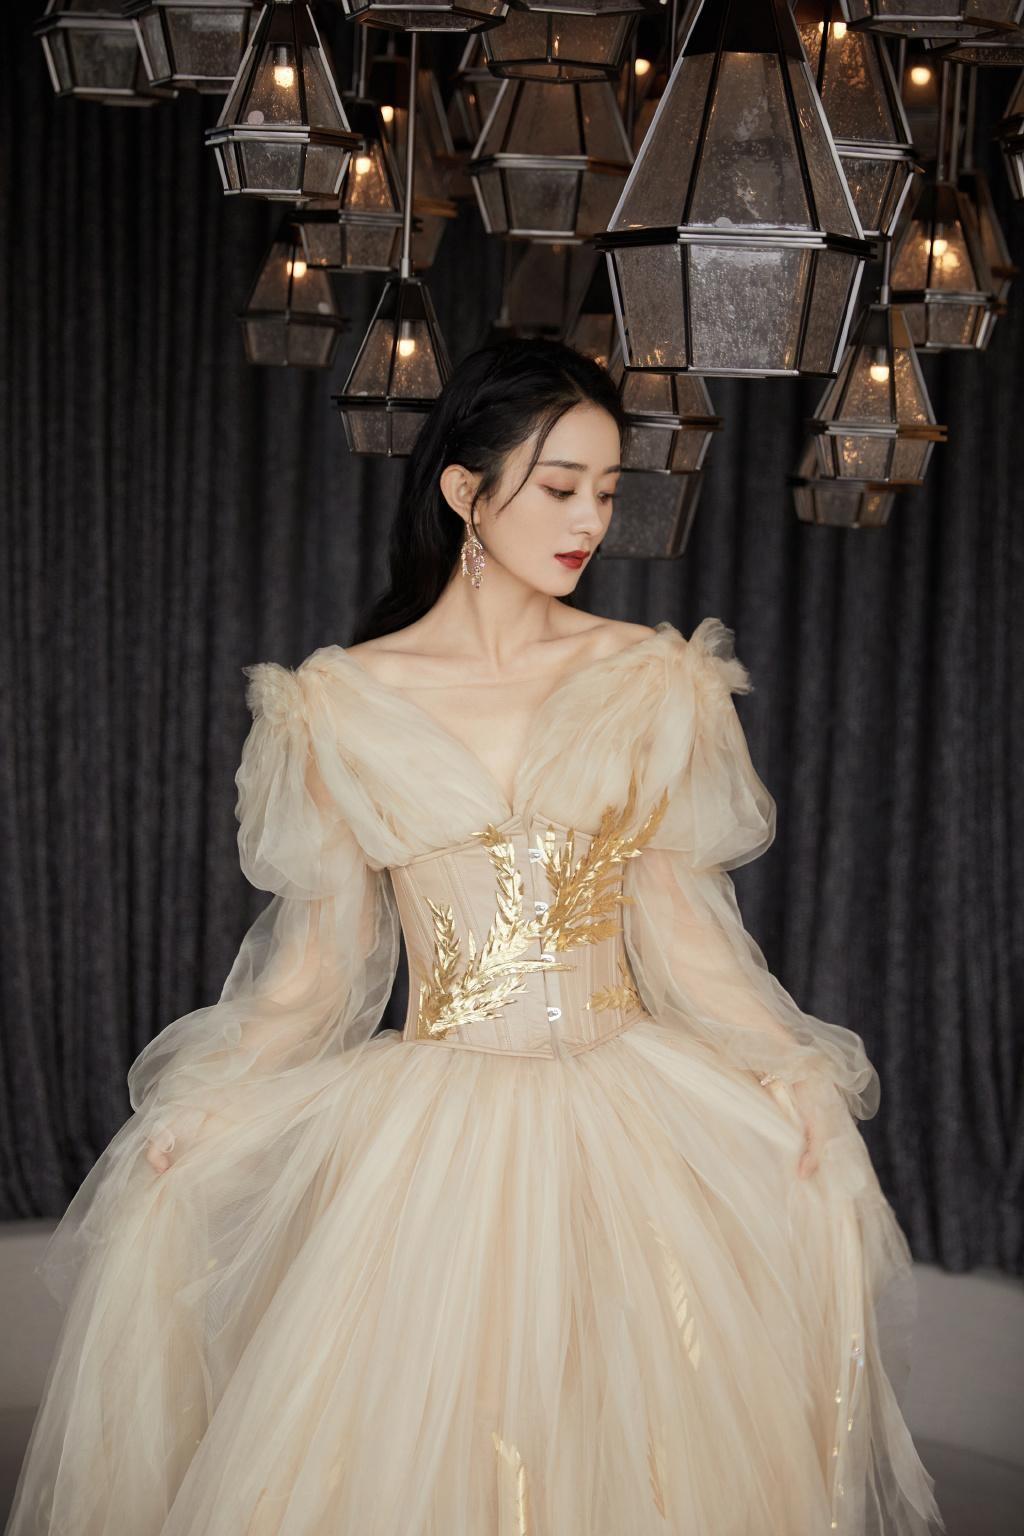 """Lai lịch khó ngờ của bộ váy lộng lẫy giúp Triệu Lệ Dĩnh thành """"Nữ hoàng đêm hội Bazaar"""" ảnh 10"""